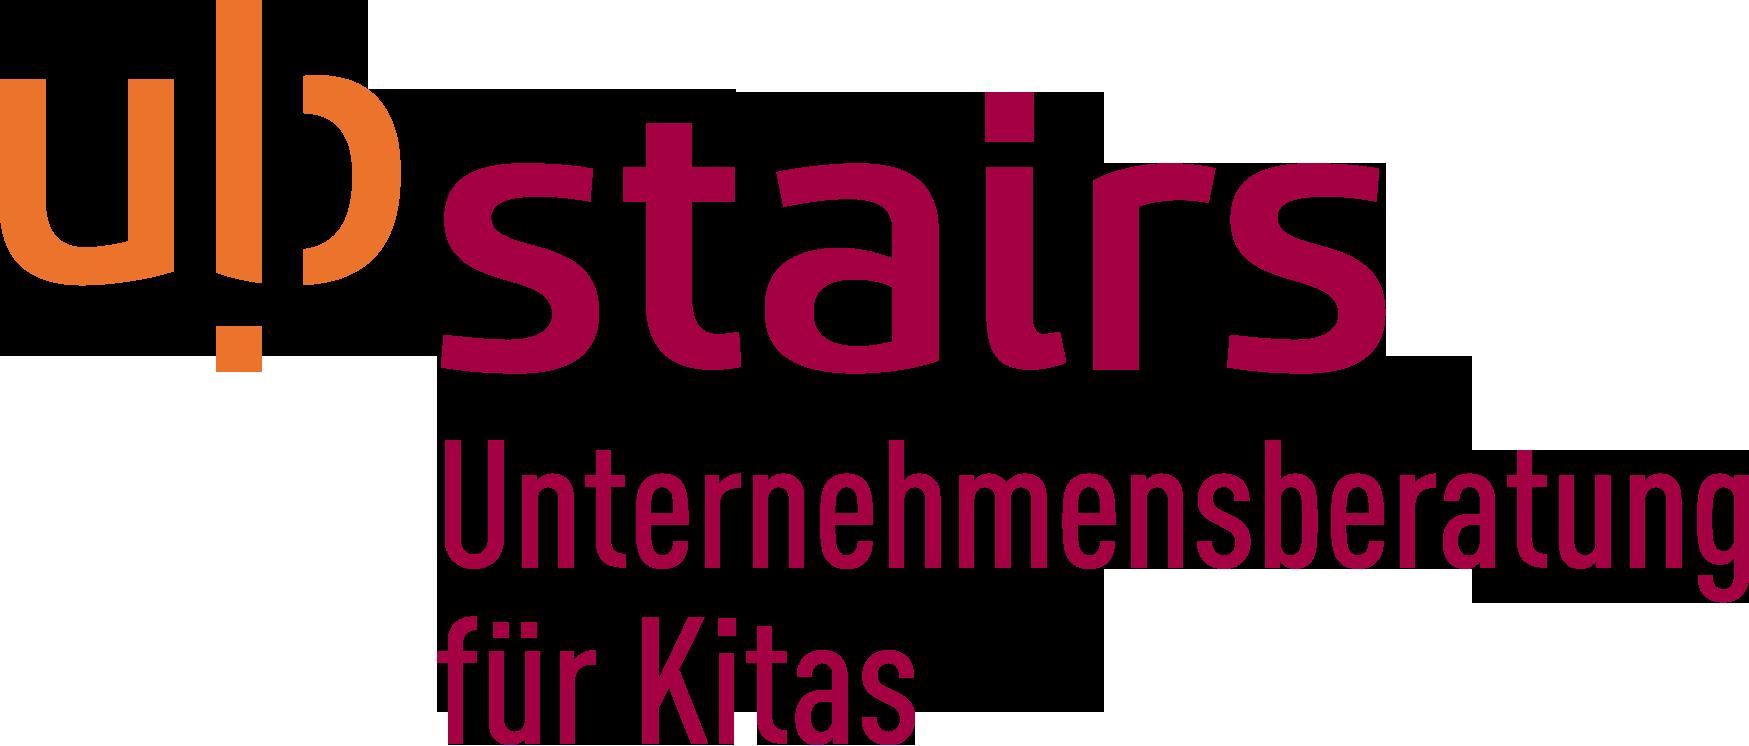 ubstairs - Unternehmensberatung für Kitas